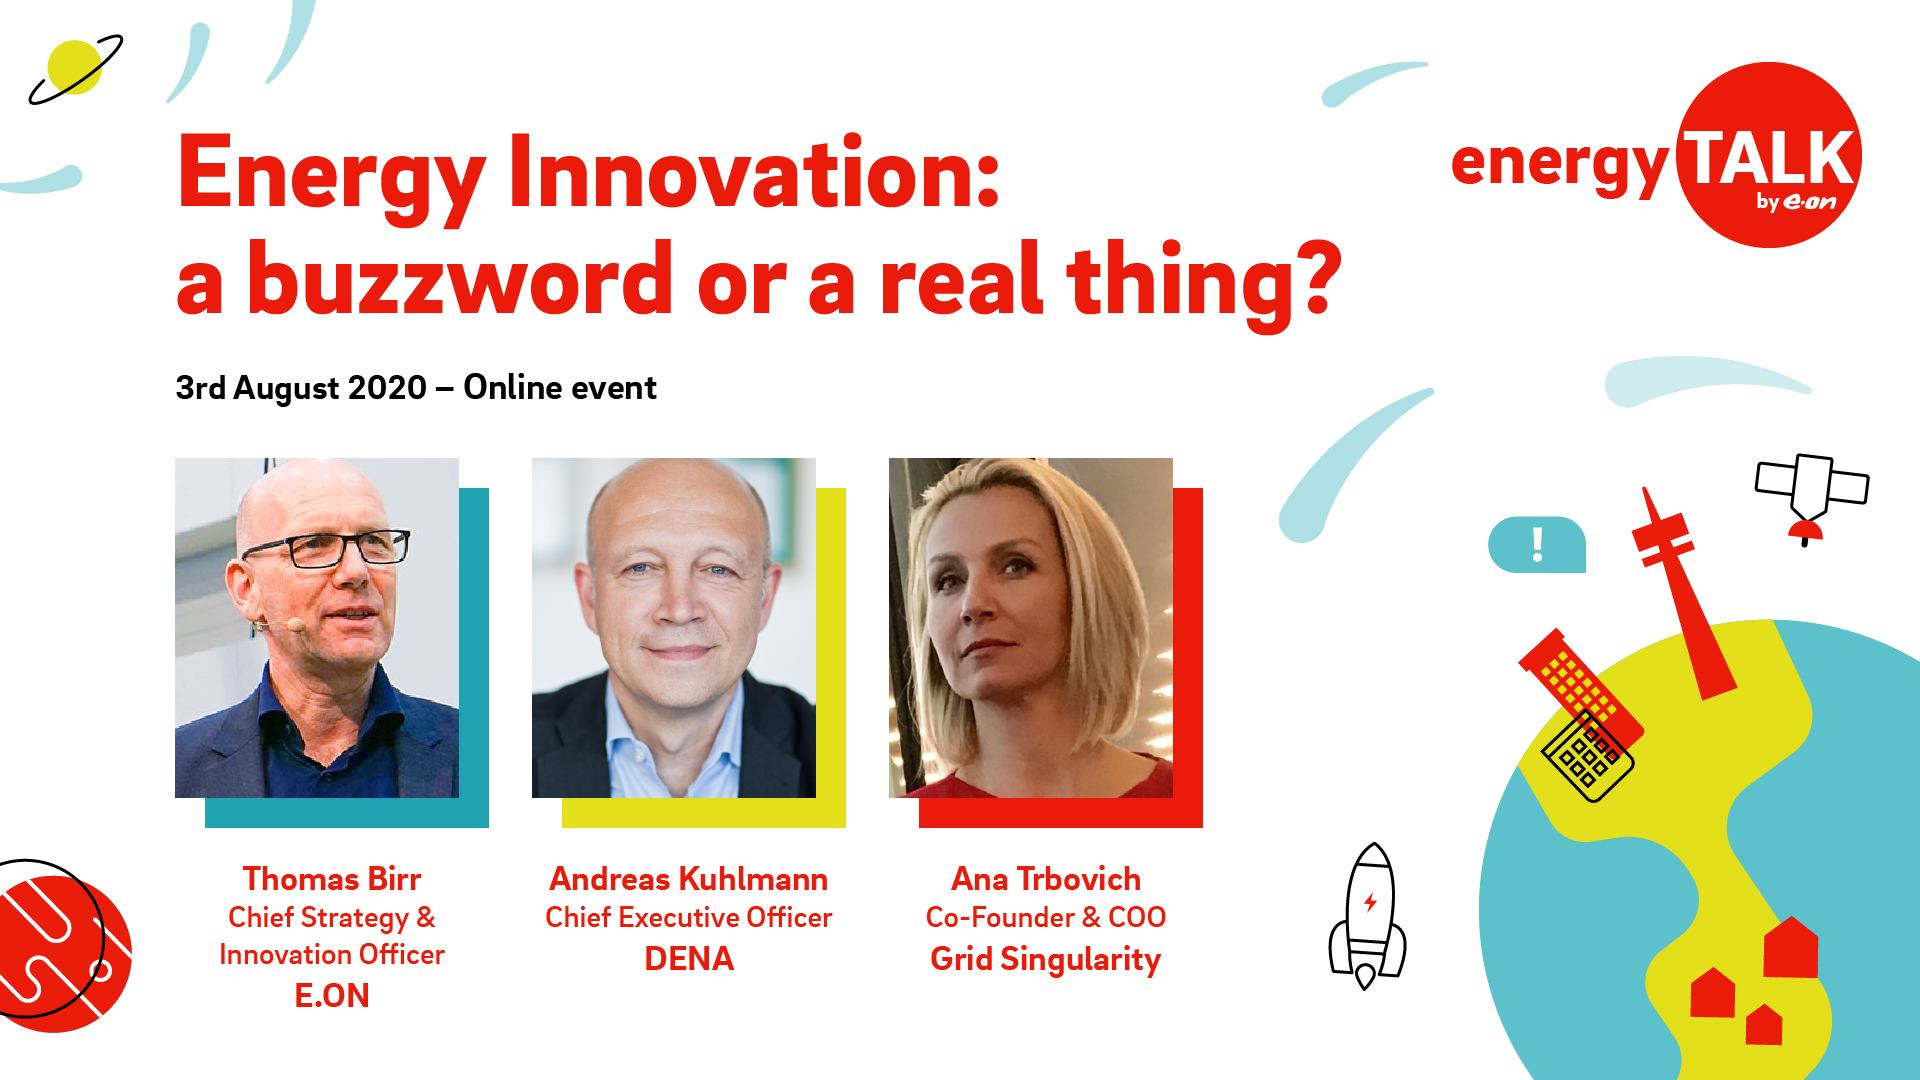 E.ON Innovation